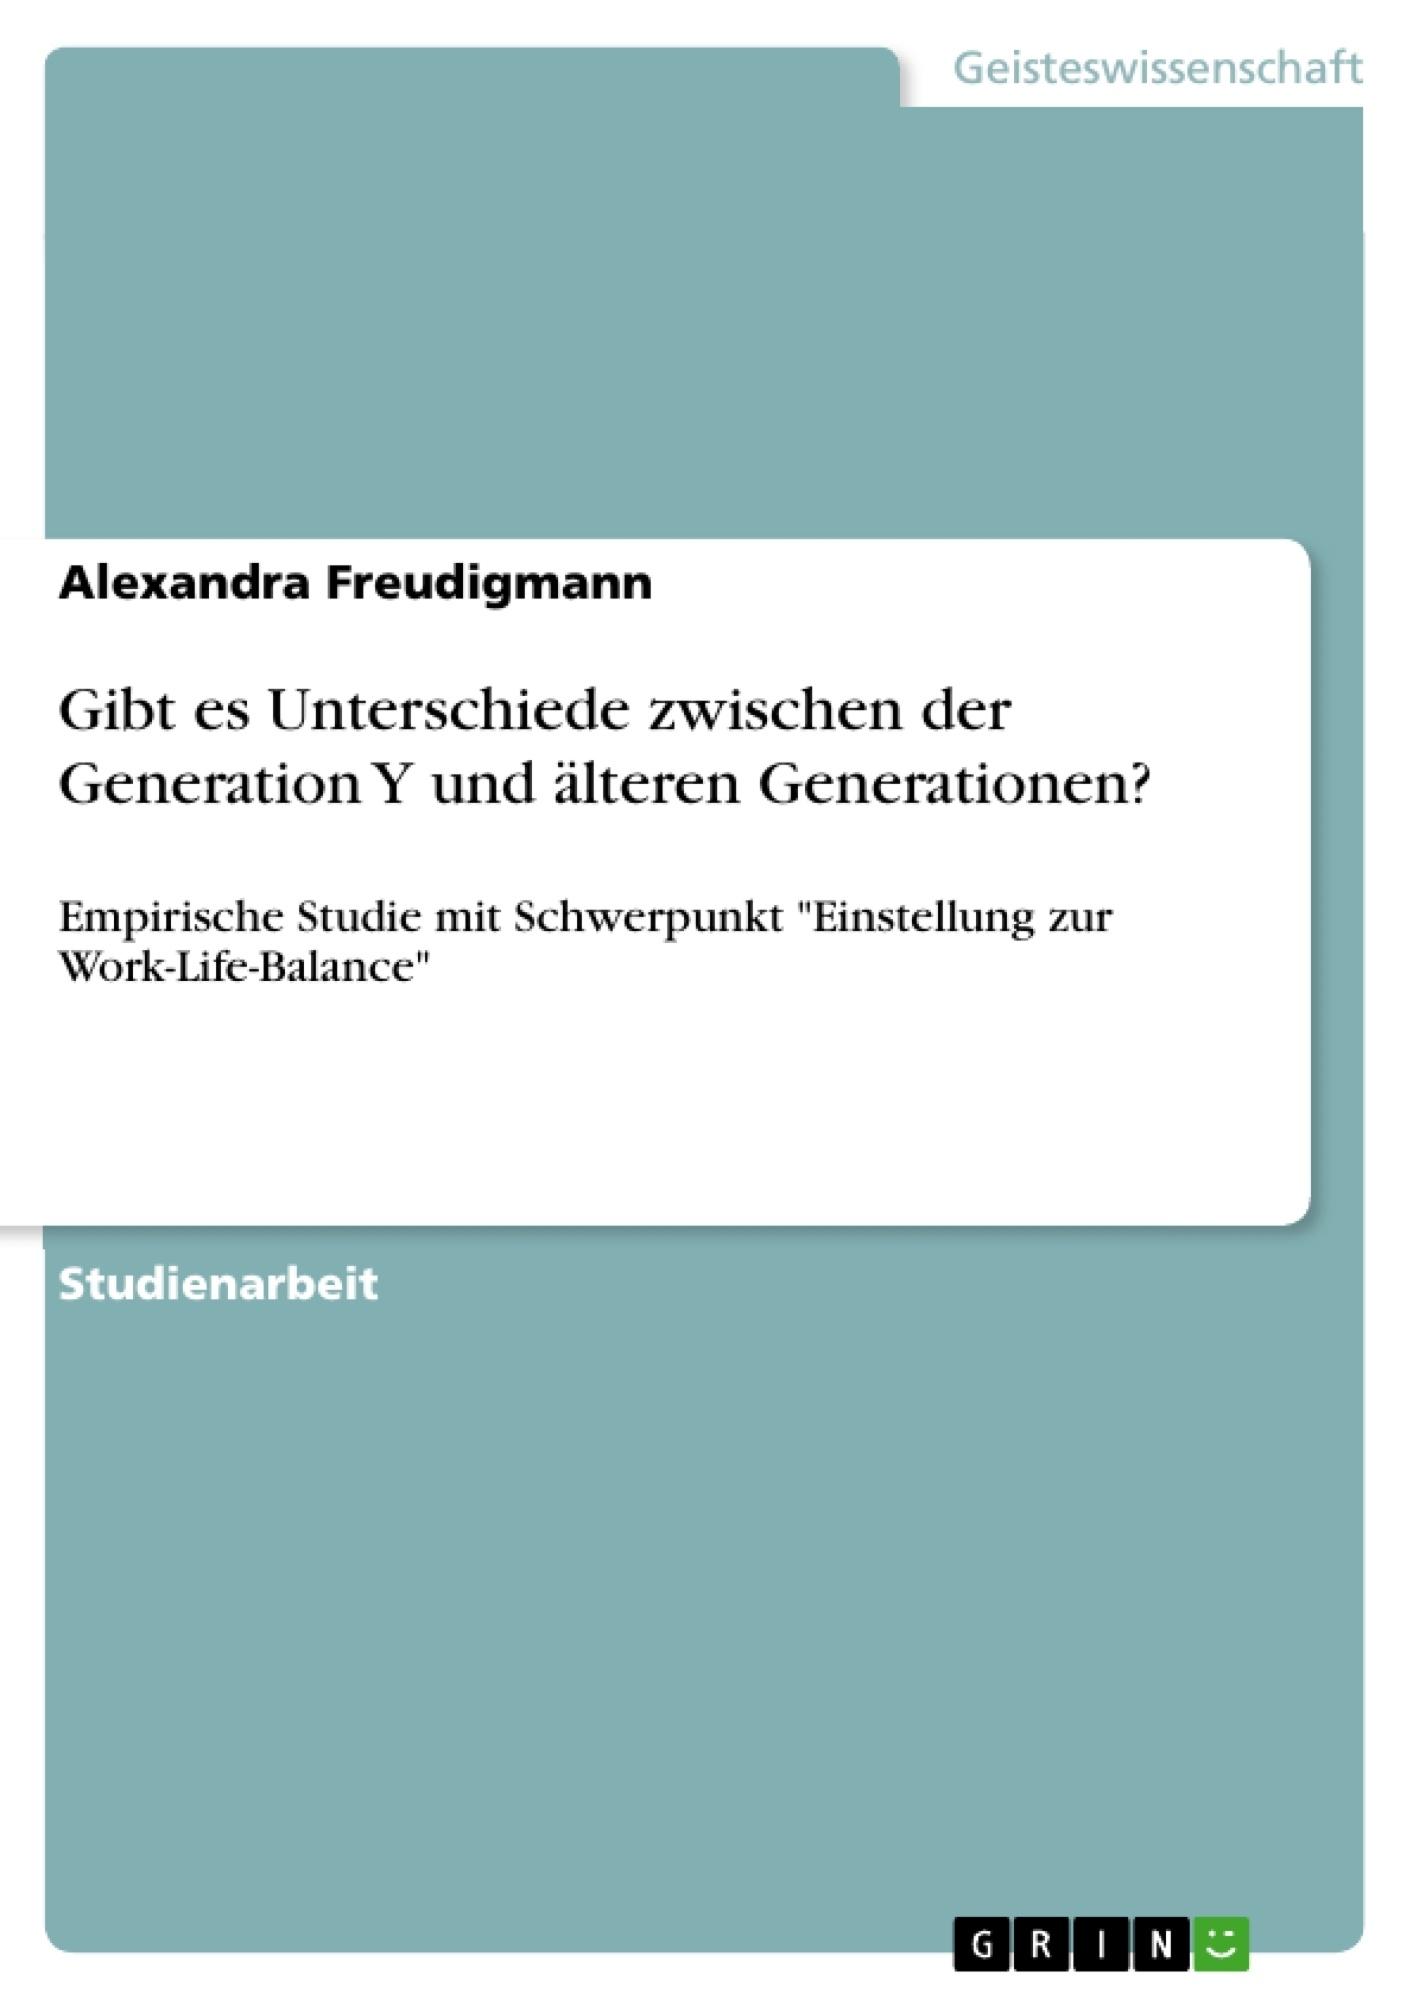 Titel: Gibt es Unterschiede zwischen der Generation Y und älteren Generationen?